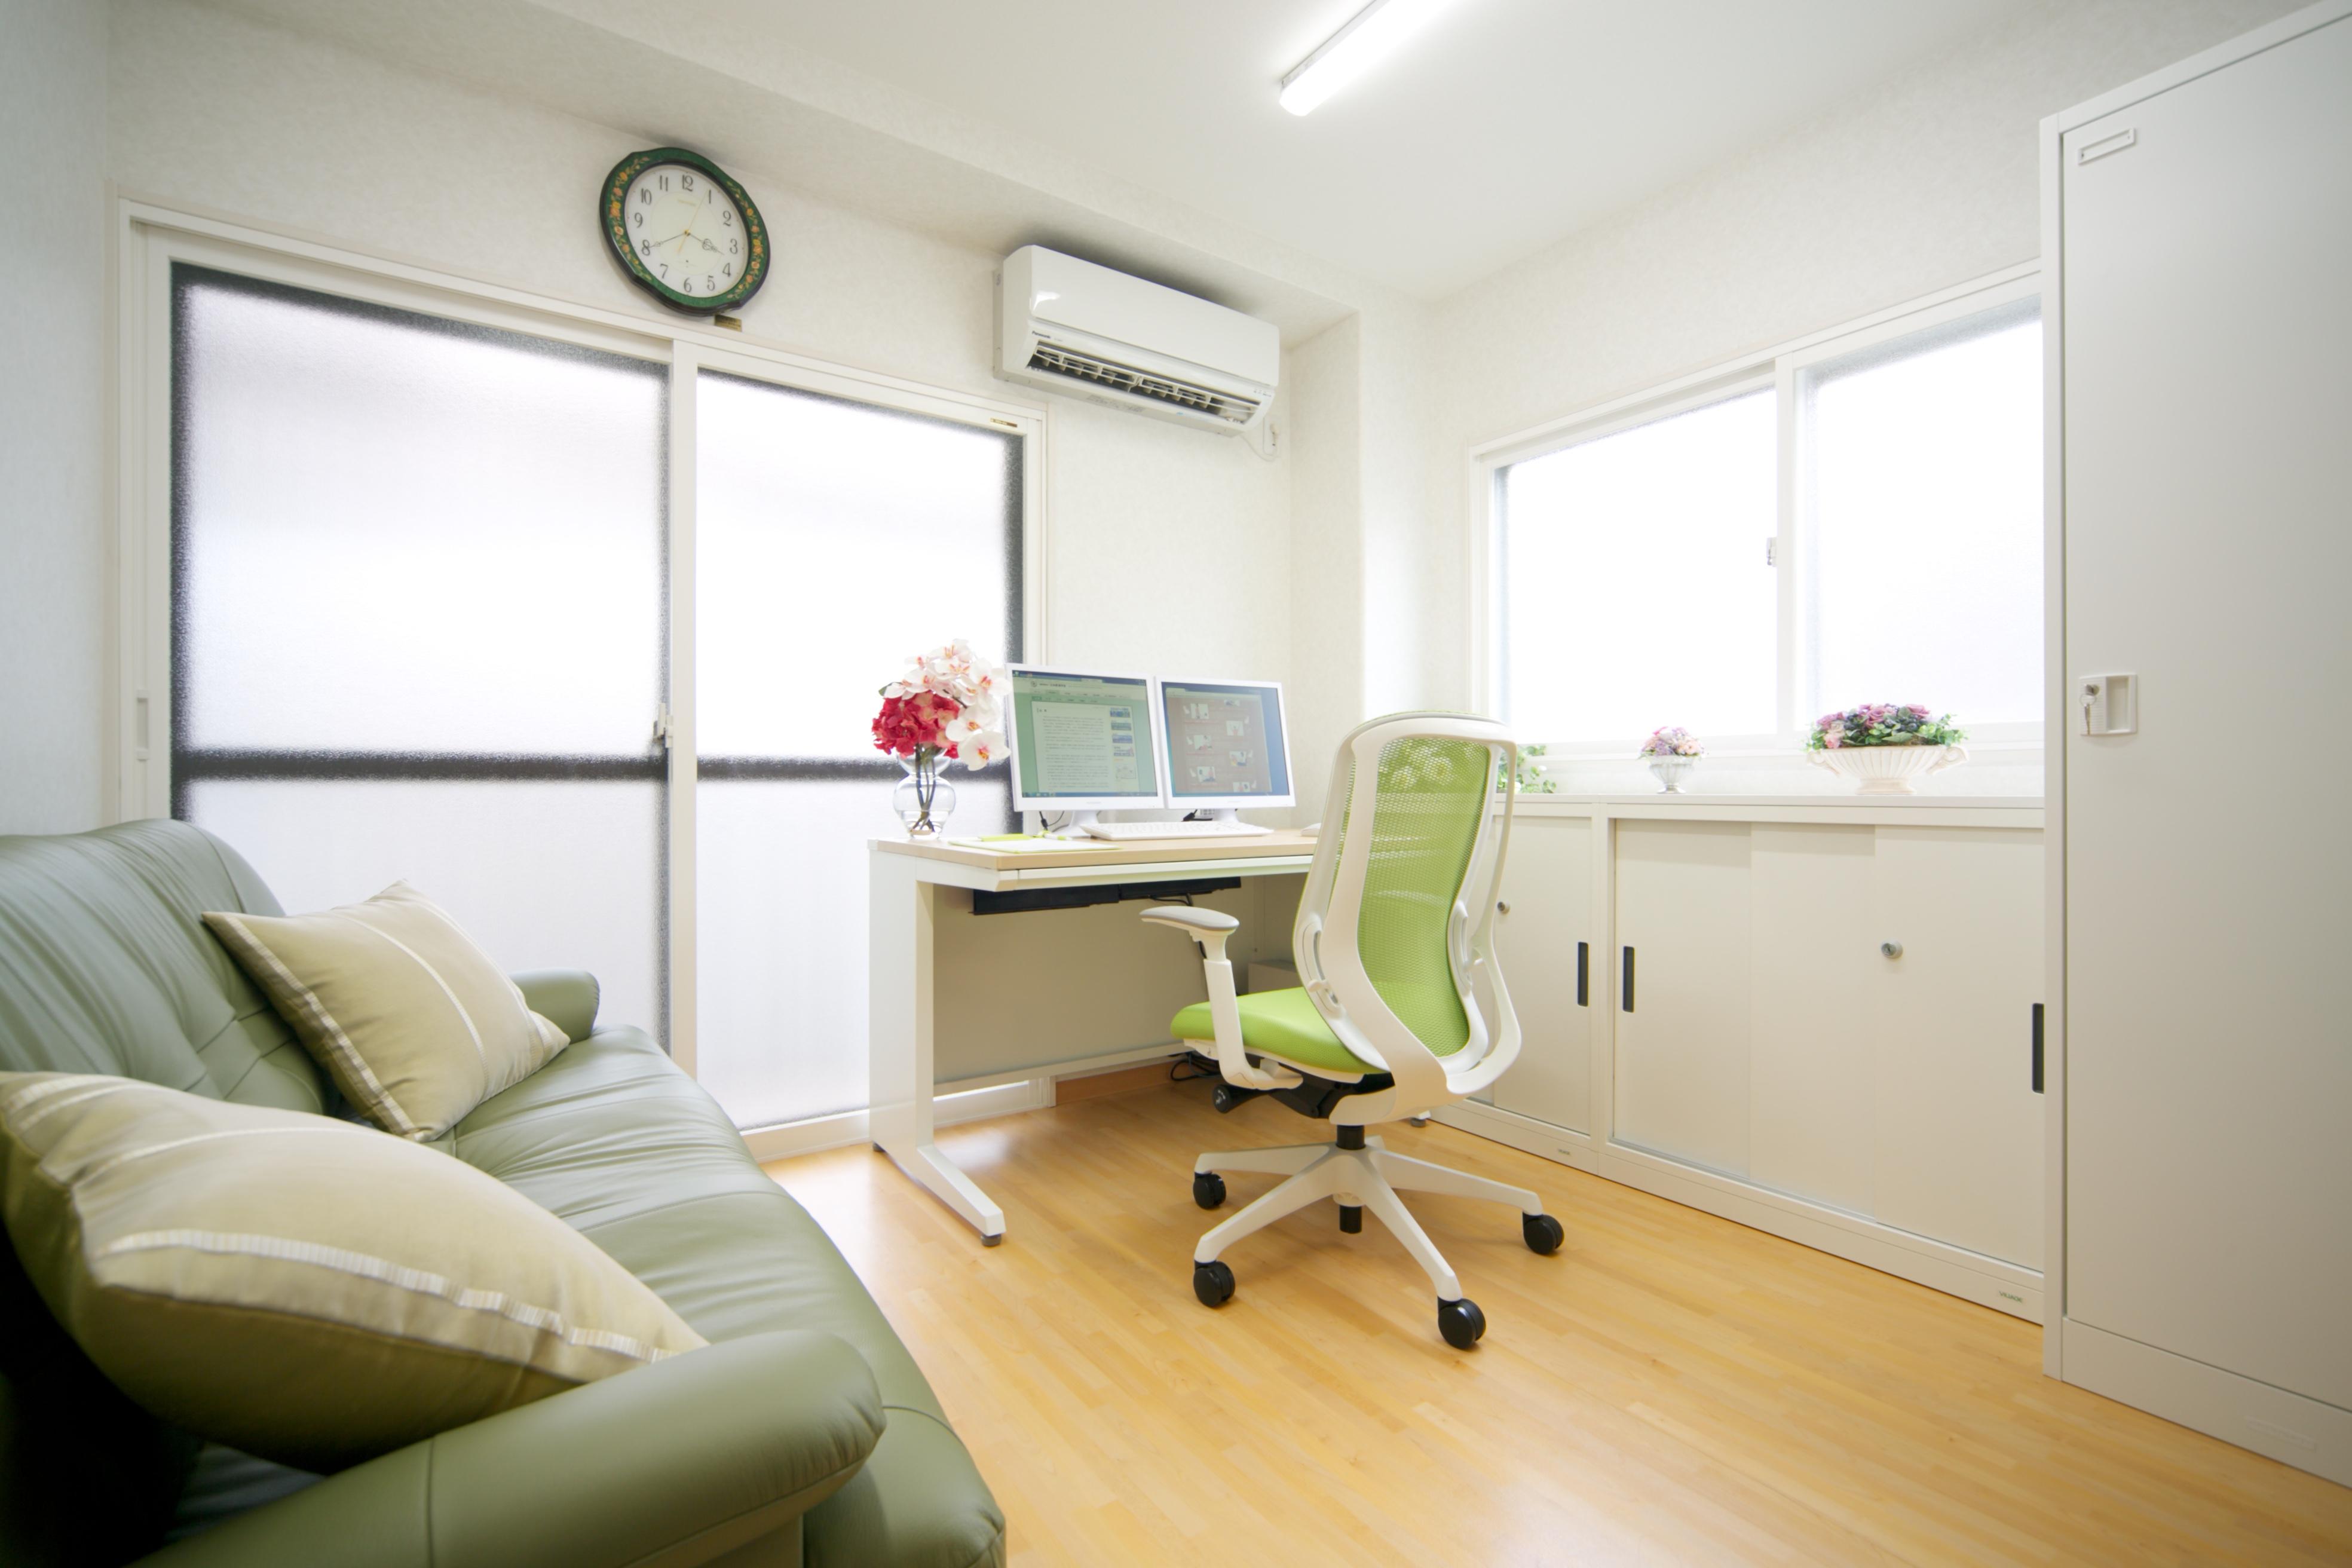 安心感漂う、やわらかな雰囲気の診察室です。